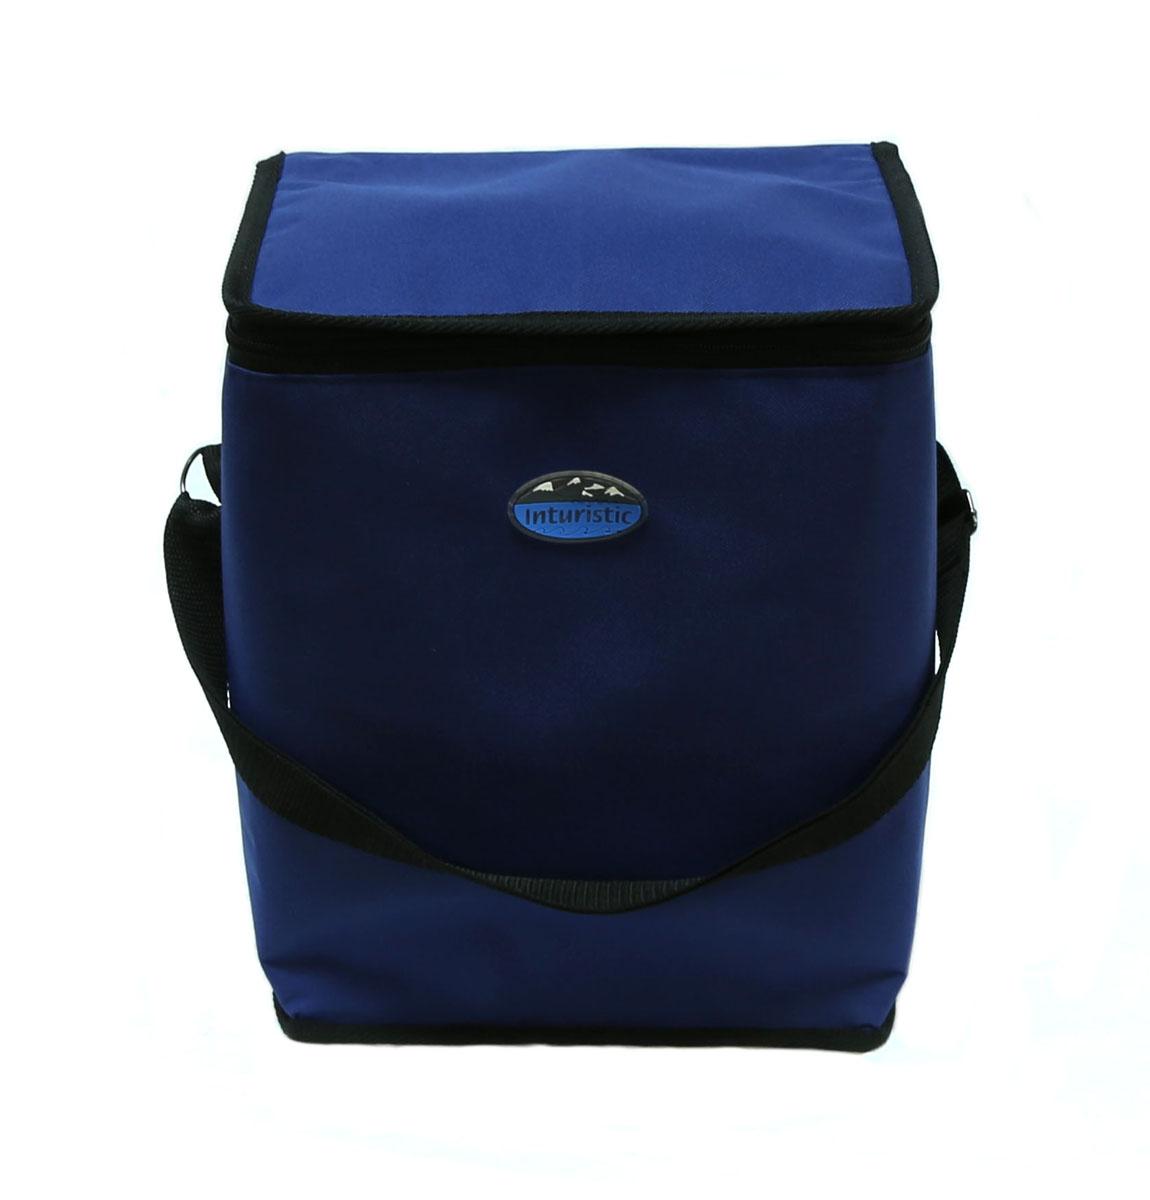 Сумка изотермическая Inturistic, цвет: синий, 17л787502Изотермическая сумка Inturistic поможет сохранить температуру пищи и напитков в течение нескольких часов. Она будет удобна при поездках на дачу, на пикник и дальних путешествиях. Коэффициент теплового отражения не менее 90%. Температурный диапазон от -60°С до 140°С. Вмещает по высоте до 6 ПЭТ бутылок емкостью 1,5 л с прохладительными напитками. Наибольший эффект достигается при использовании аккумуляторов холода. Имеется карман для аккумулятора холода. Карман можно использовать для переноски необходимых мелочей. Сумка удобна для переноски контейнеров с едой и ланч боксов.Материал: Oxford ПВХ, тепло/гидроизоляционный материал, термостойкая изоляция.Объем сумки: 17 л.Размер сумки: 26 х 20 х 32 см.